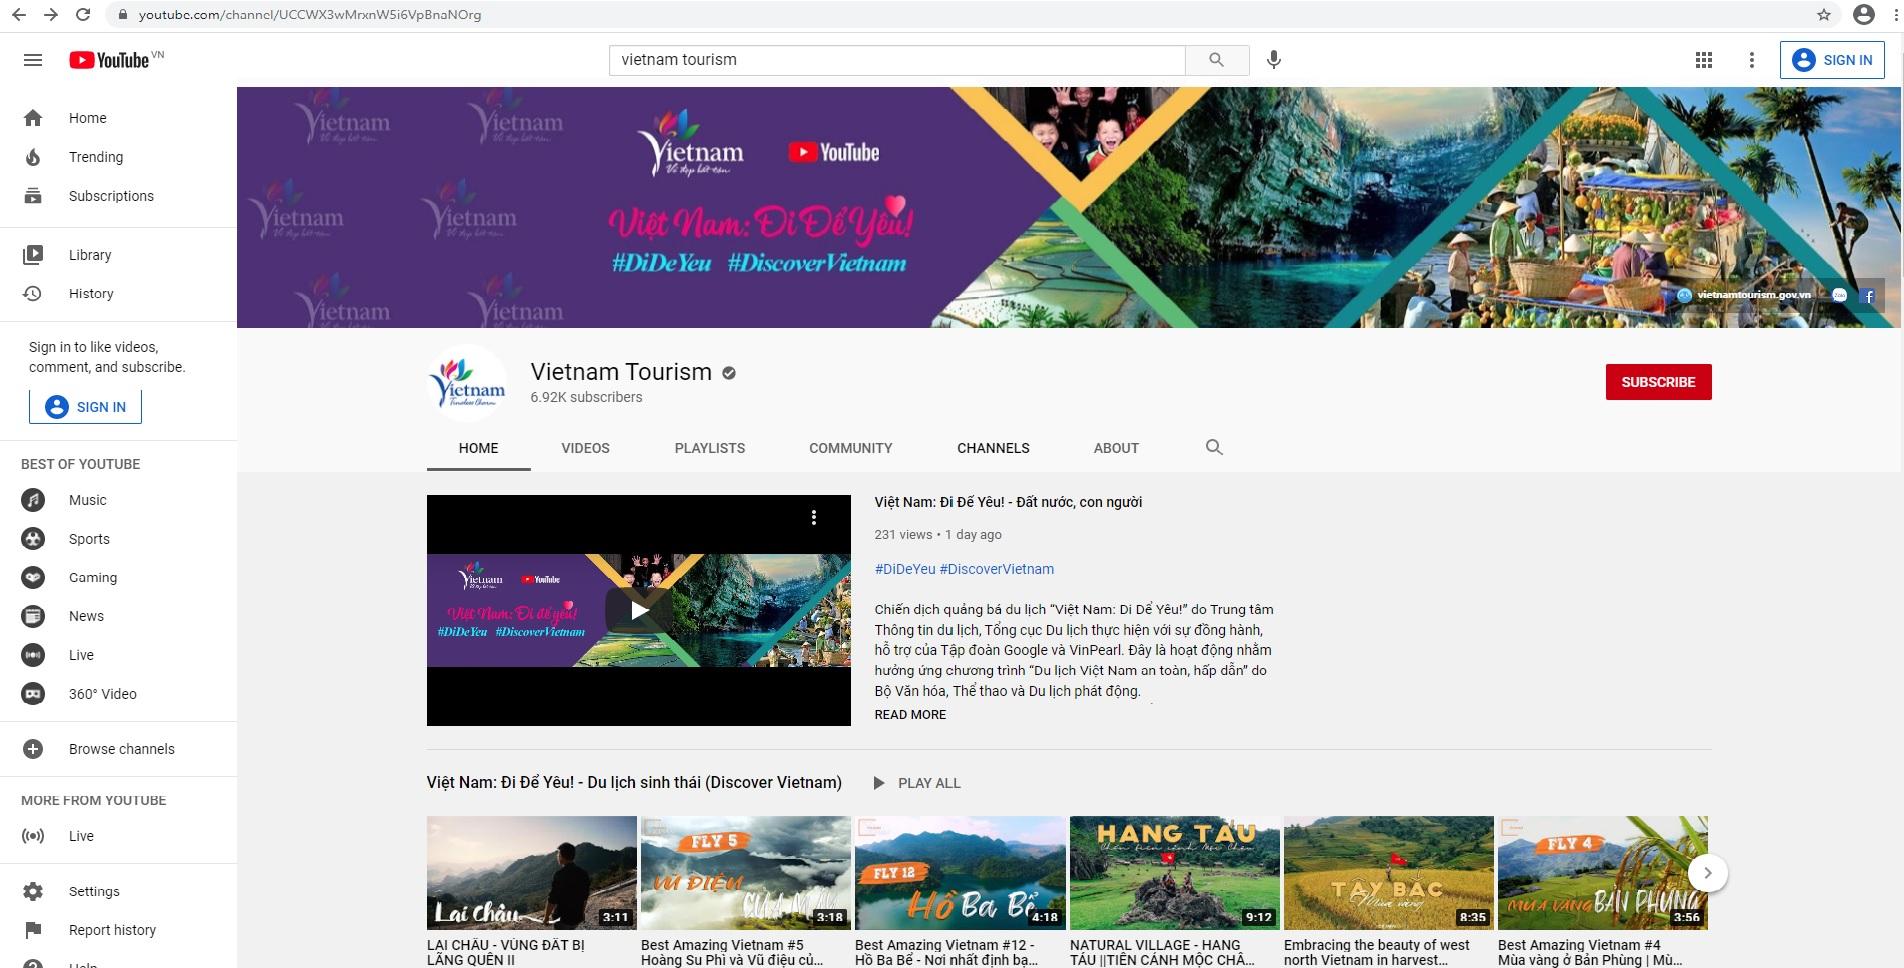 Theo bước chân các nhà sáng tạo nội dung Youtube khám phá vẻ đẹp chân thực và sống động của Việt Nam